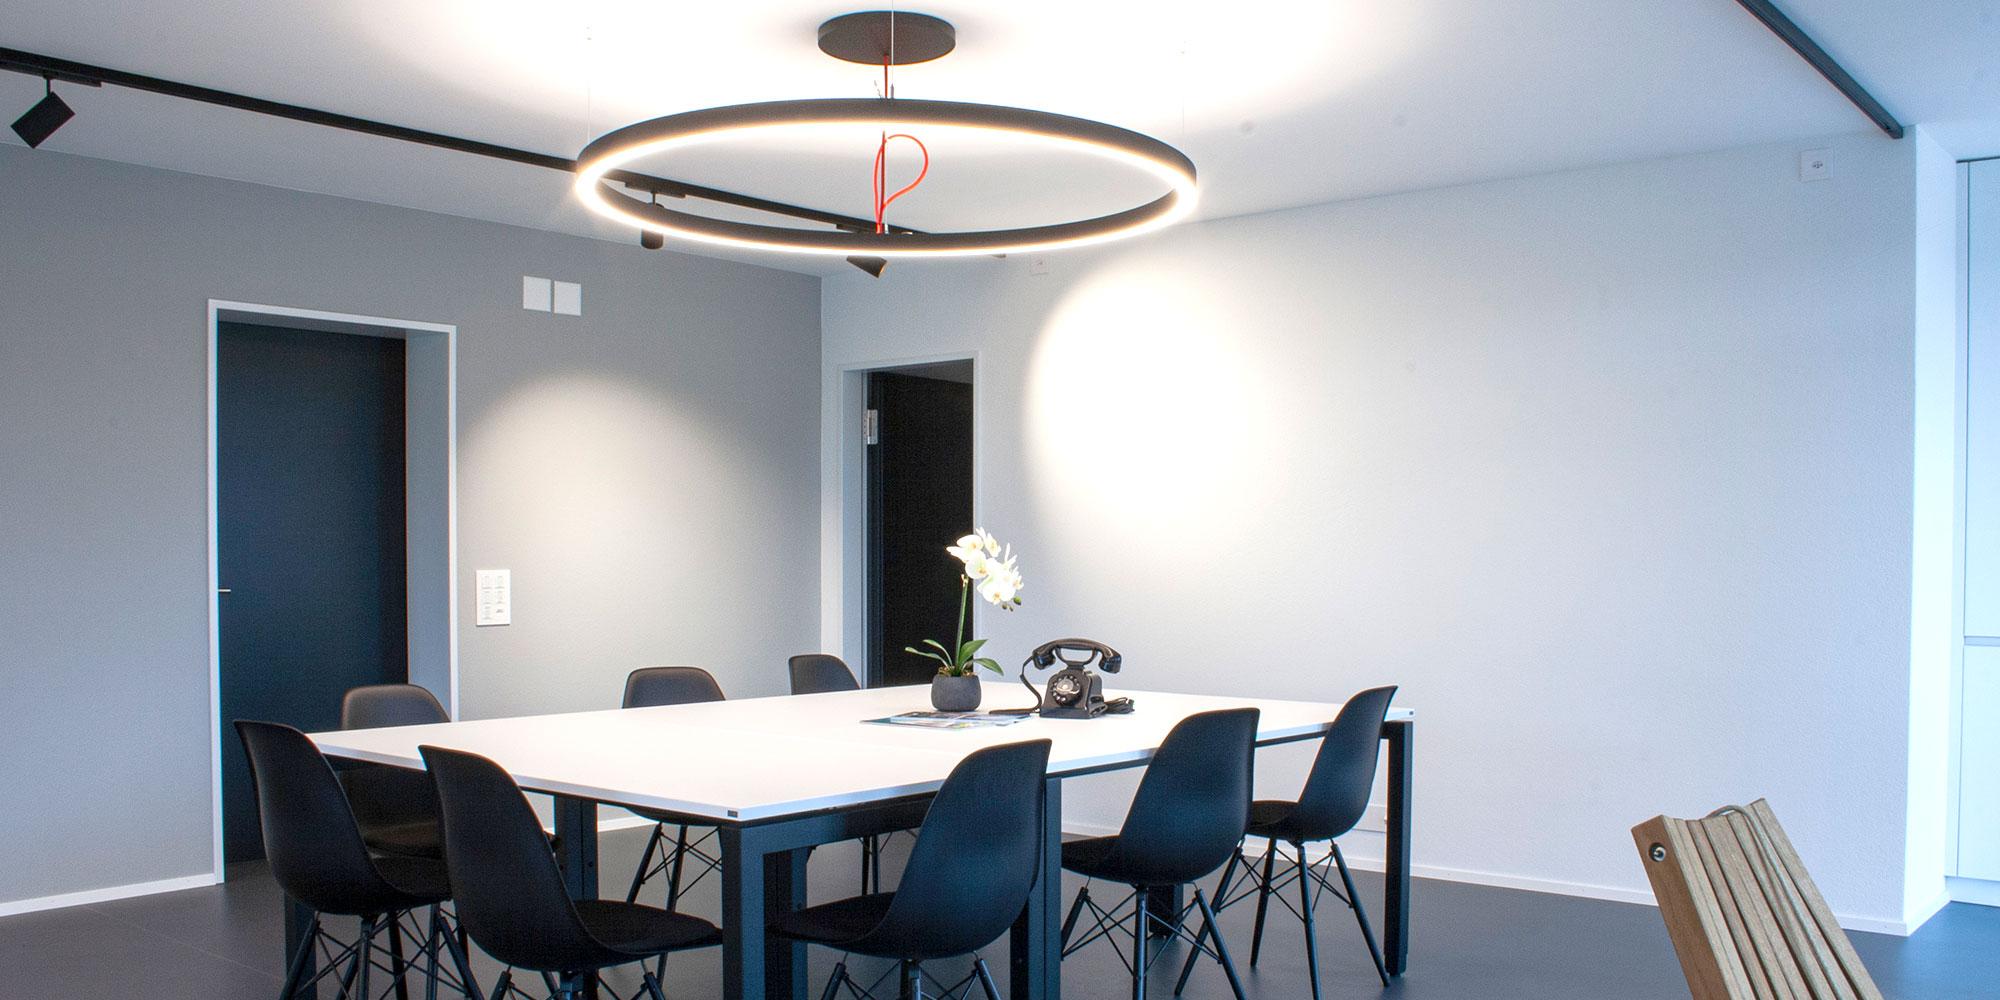 Sitzungszimmer der wiederkehr elektro ag mit der ringo star Pendelleuchte als Blickfang in den Corpporate Identity Farben. Die Stromschienenstraher leuchten die Wände perfekt aus.